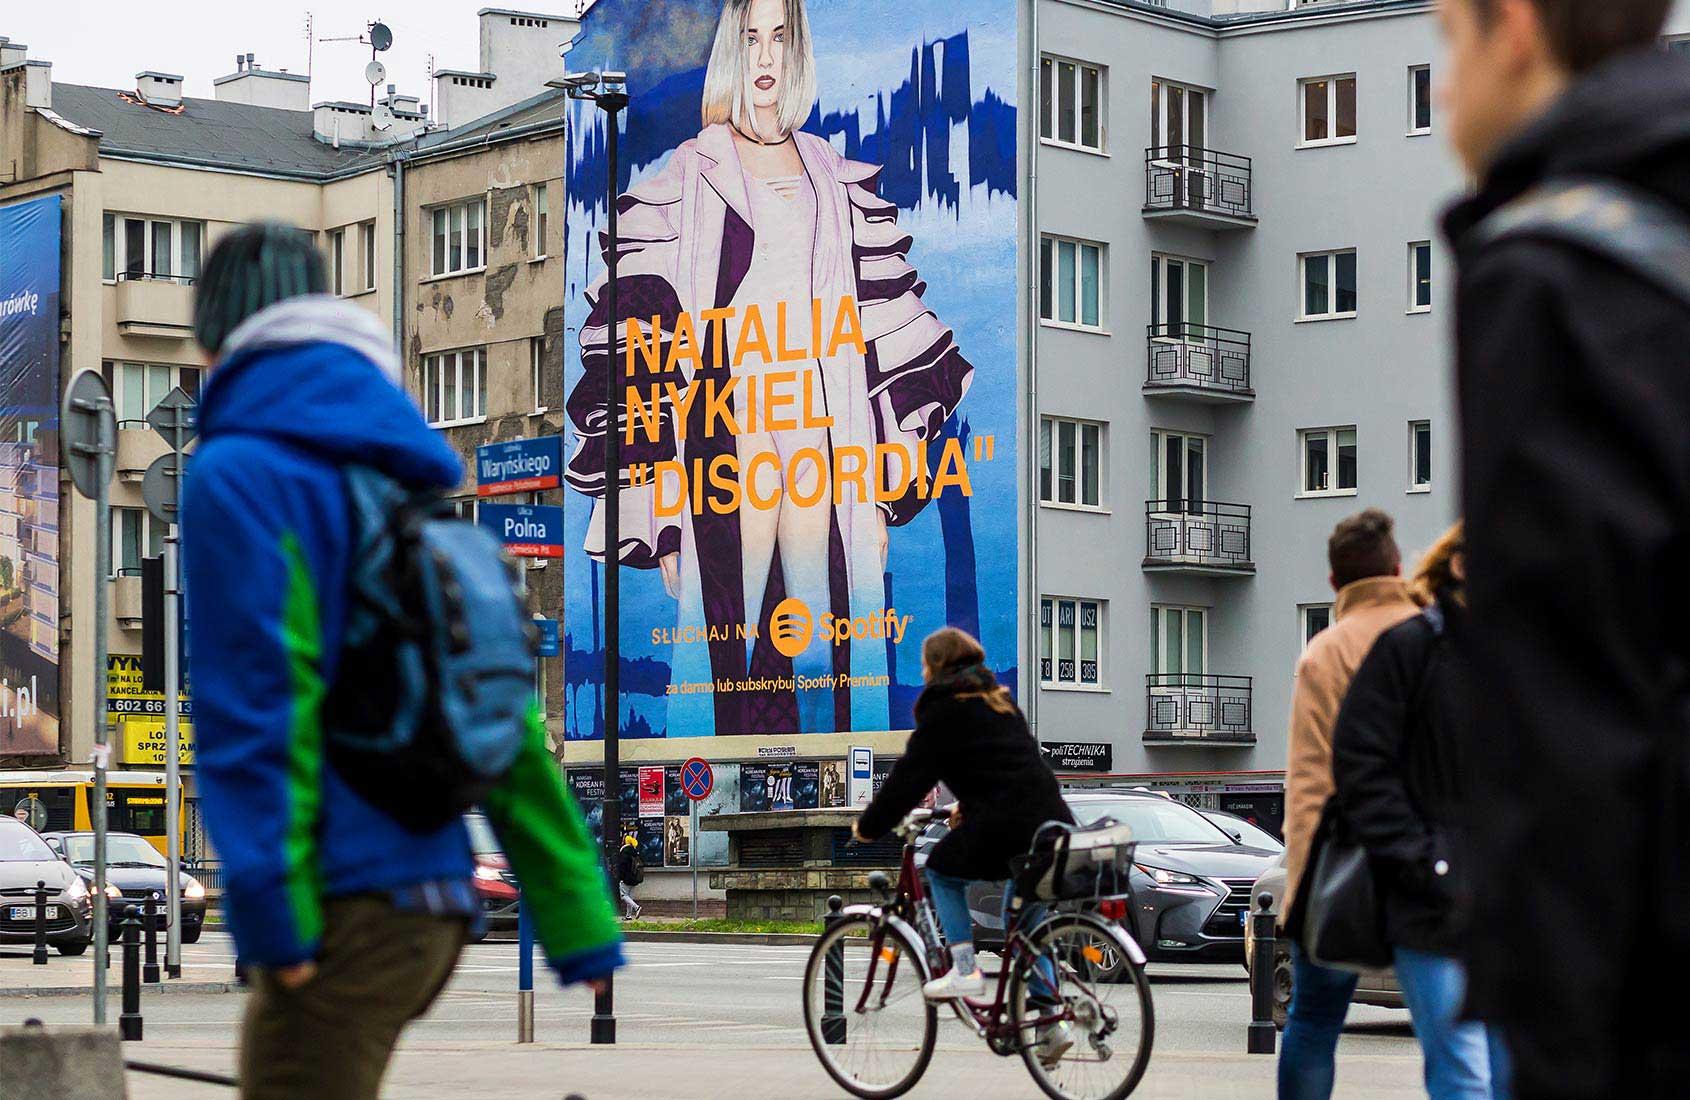 Mural Natalia Nykiel DISCORDIA IDEAMO